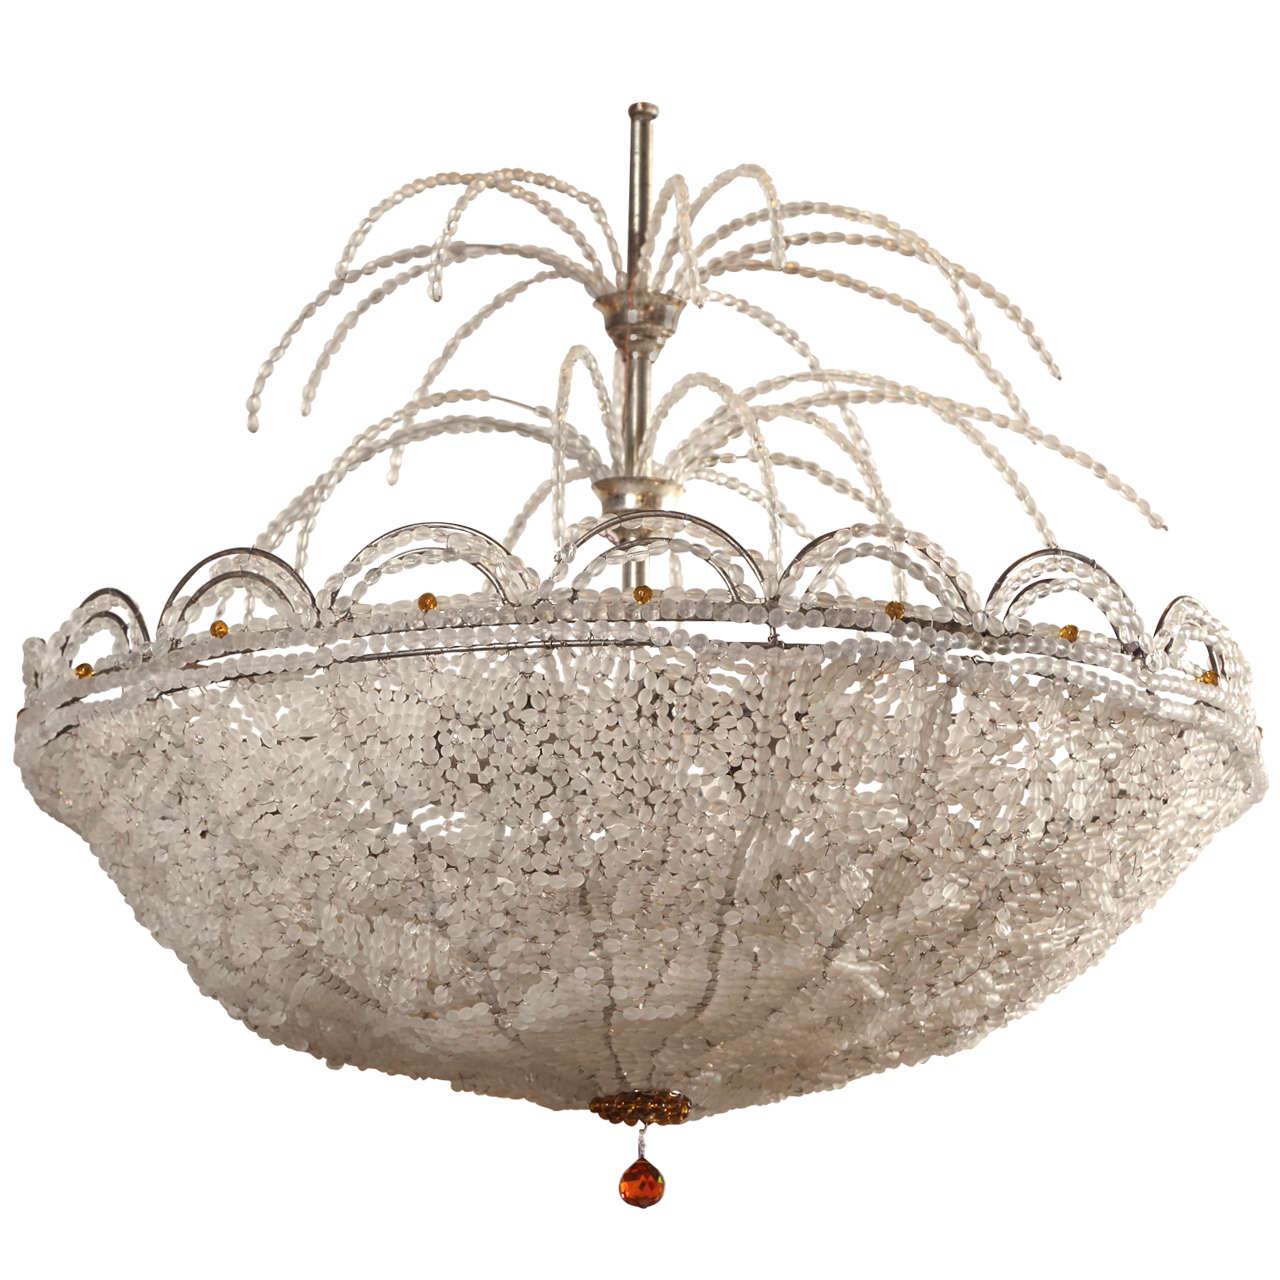 Noisetier art deco chandelier by rene lalique for sale at 1stdibs noisetier art deco chandelier by rene lalique for sale at 1stdibs arubaitofo Gallery